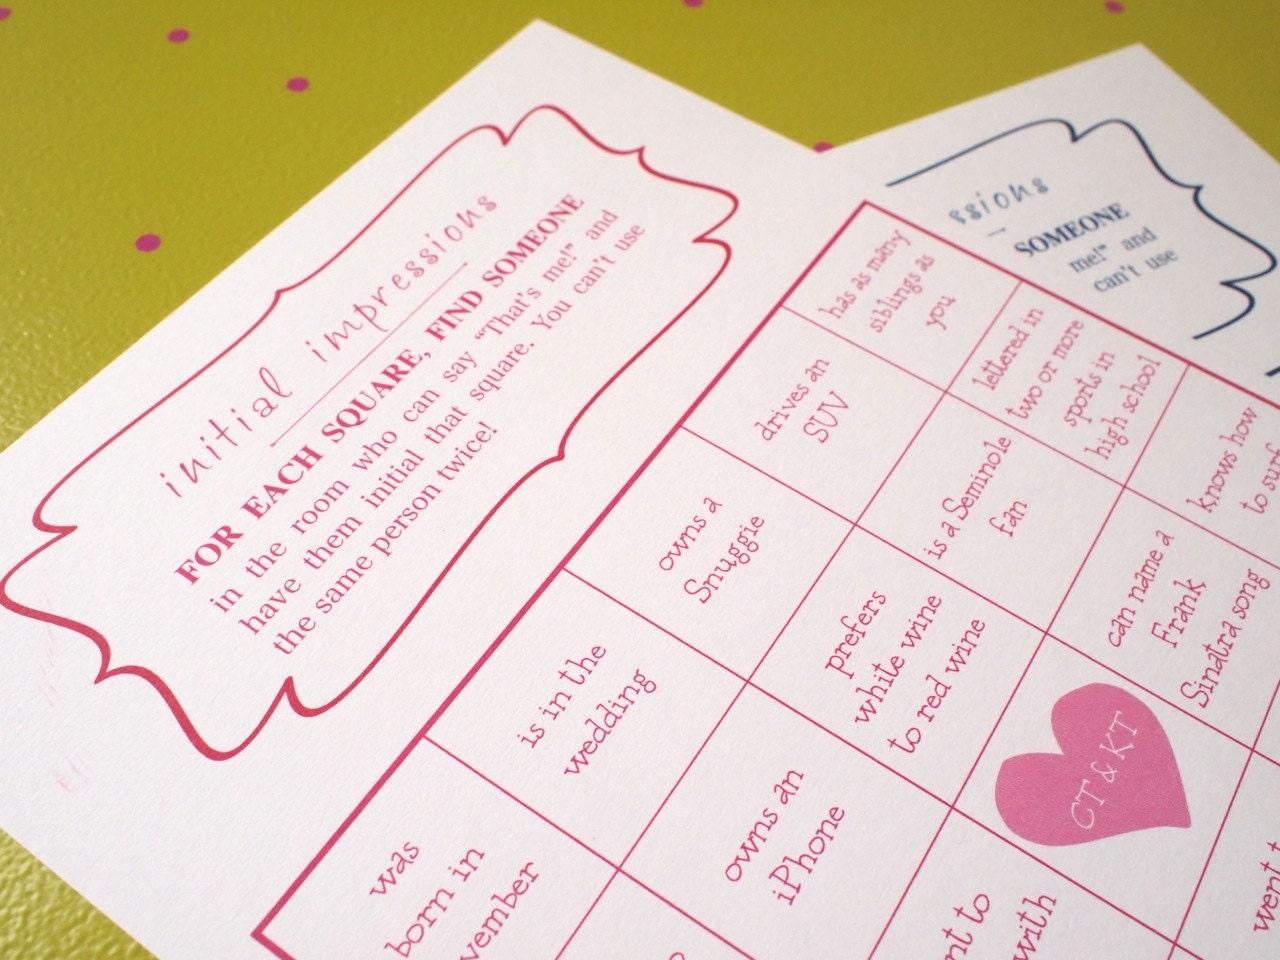 Wedding bingo game great ice breaker customized super fun